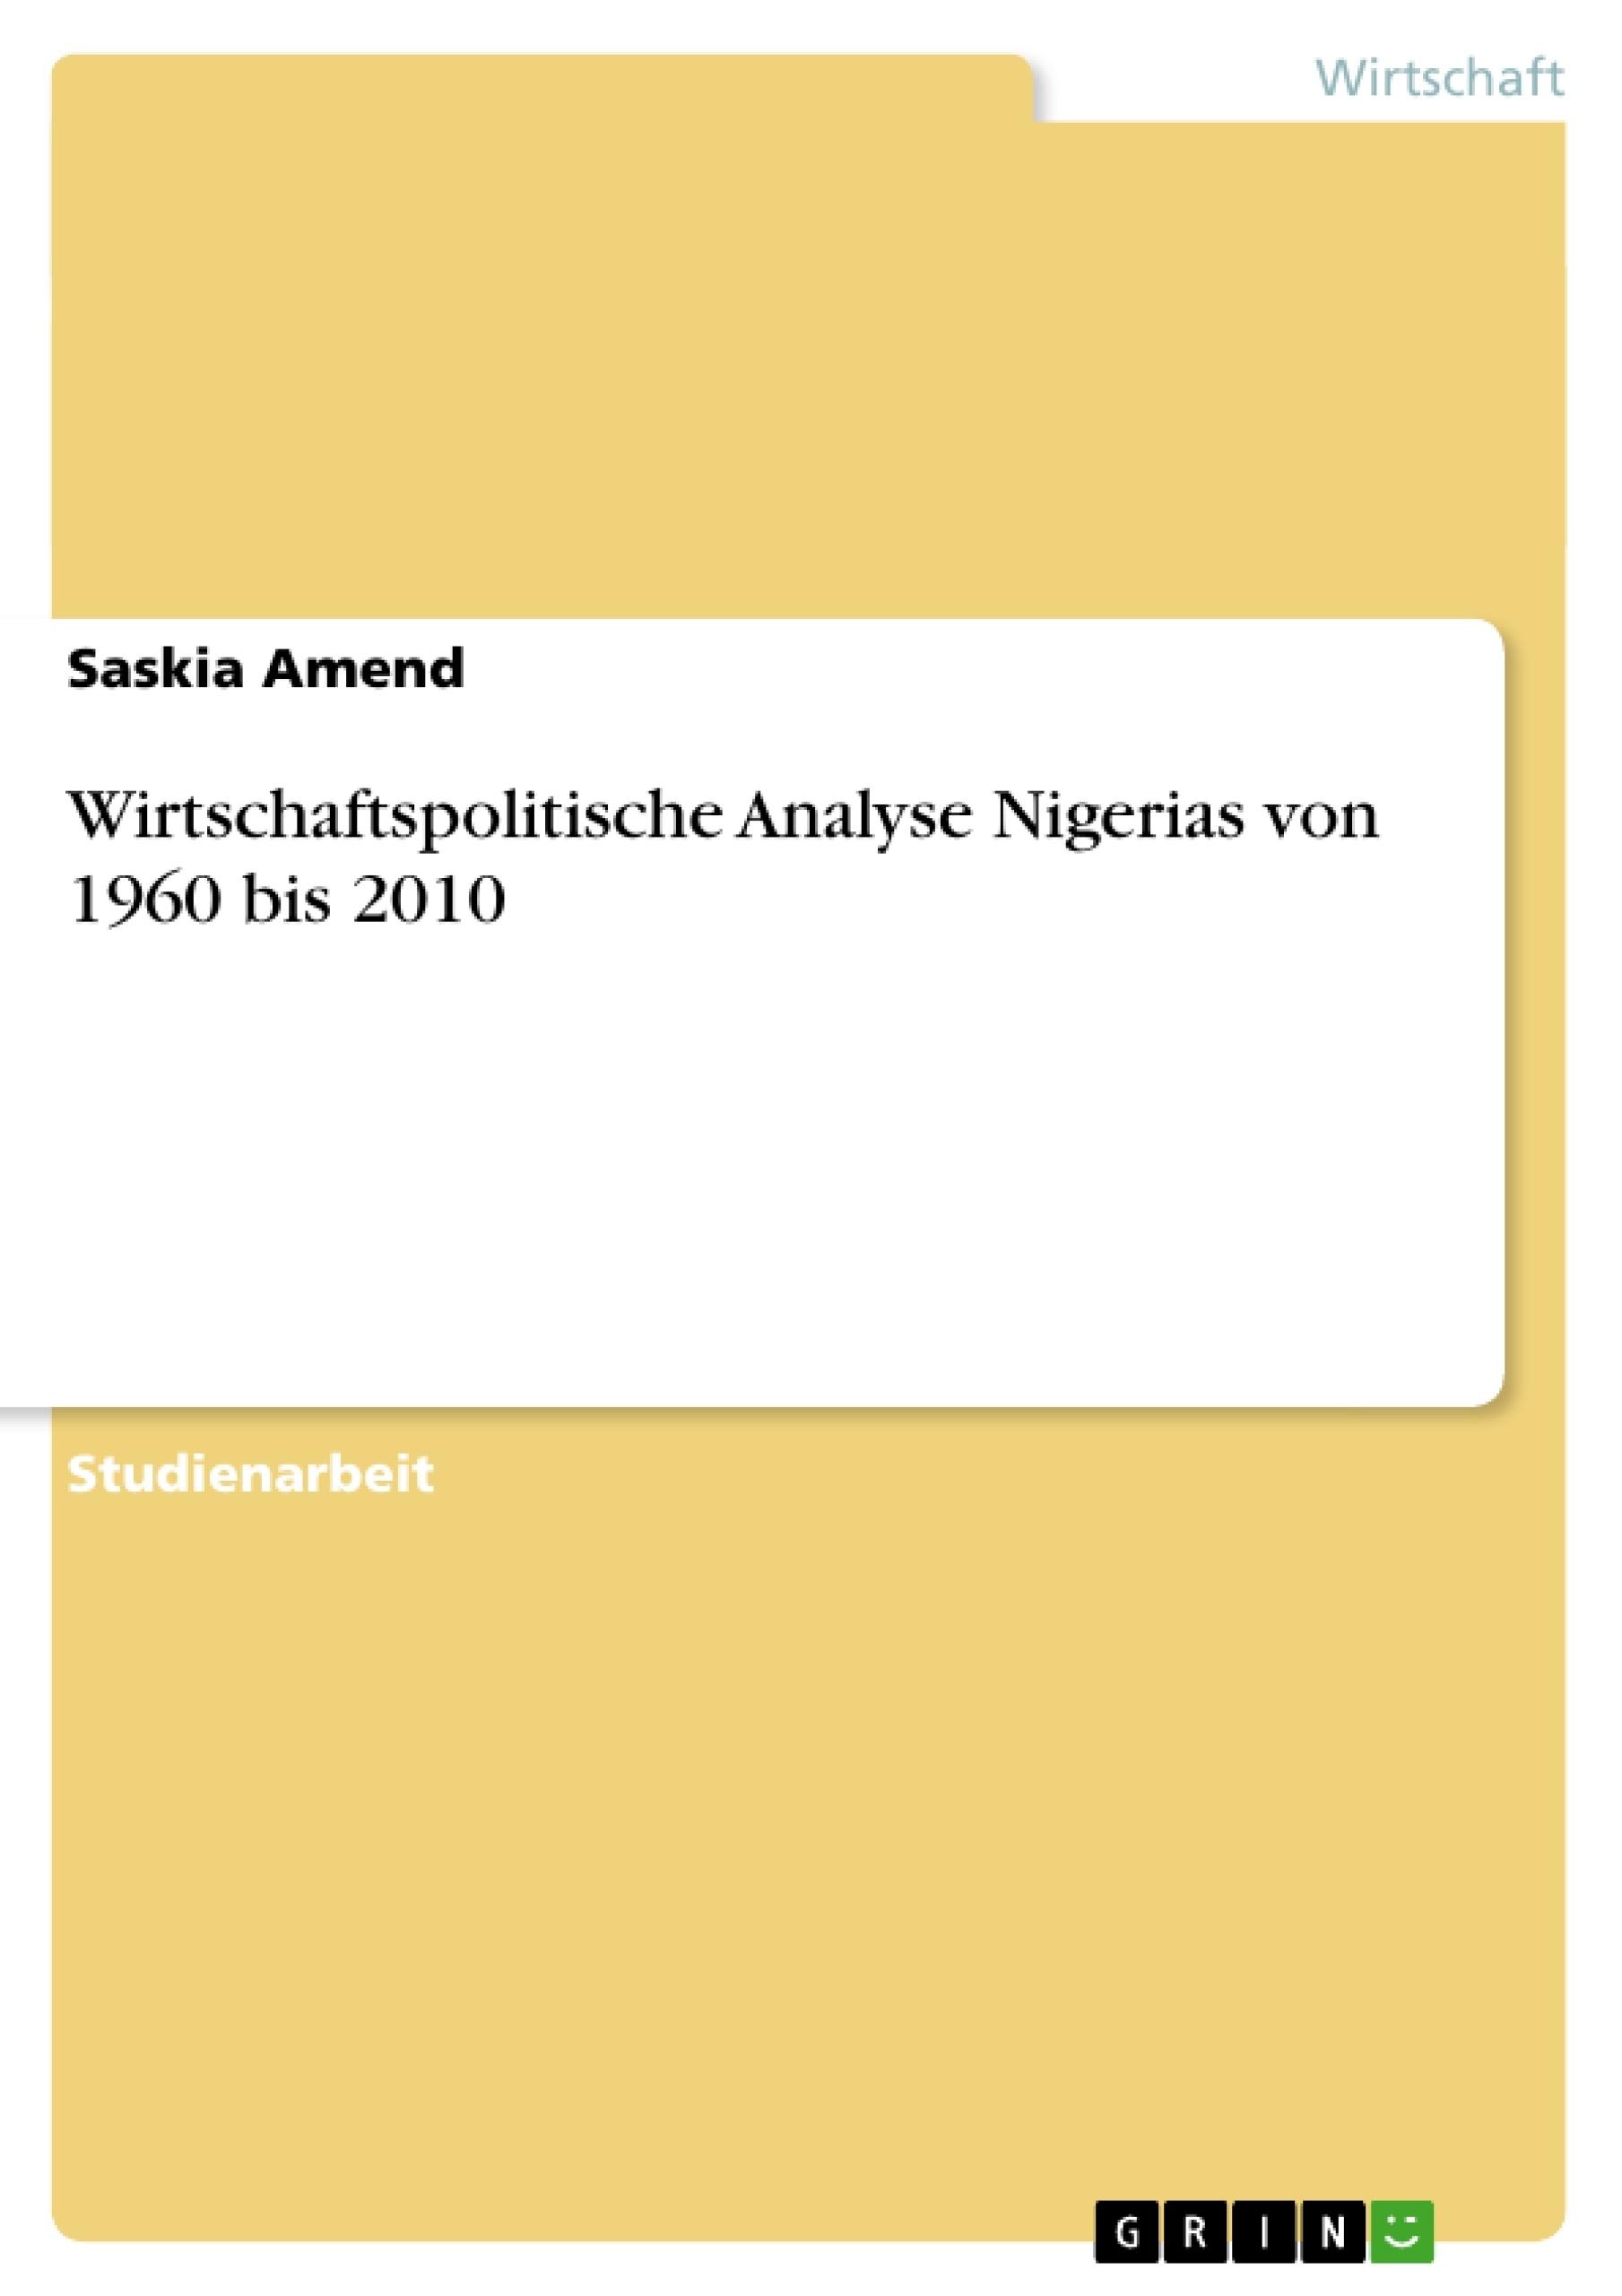 Titel: Wirtschaftspolitische Analyse Nigerias von 1960 bis 2010